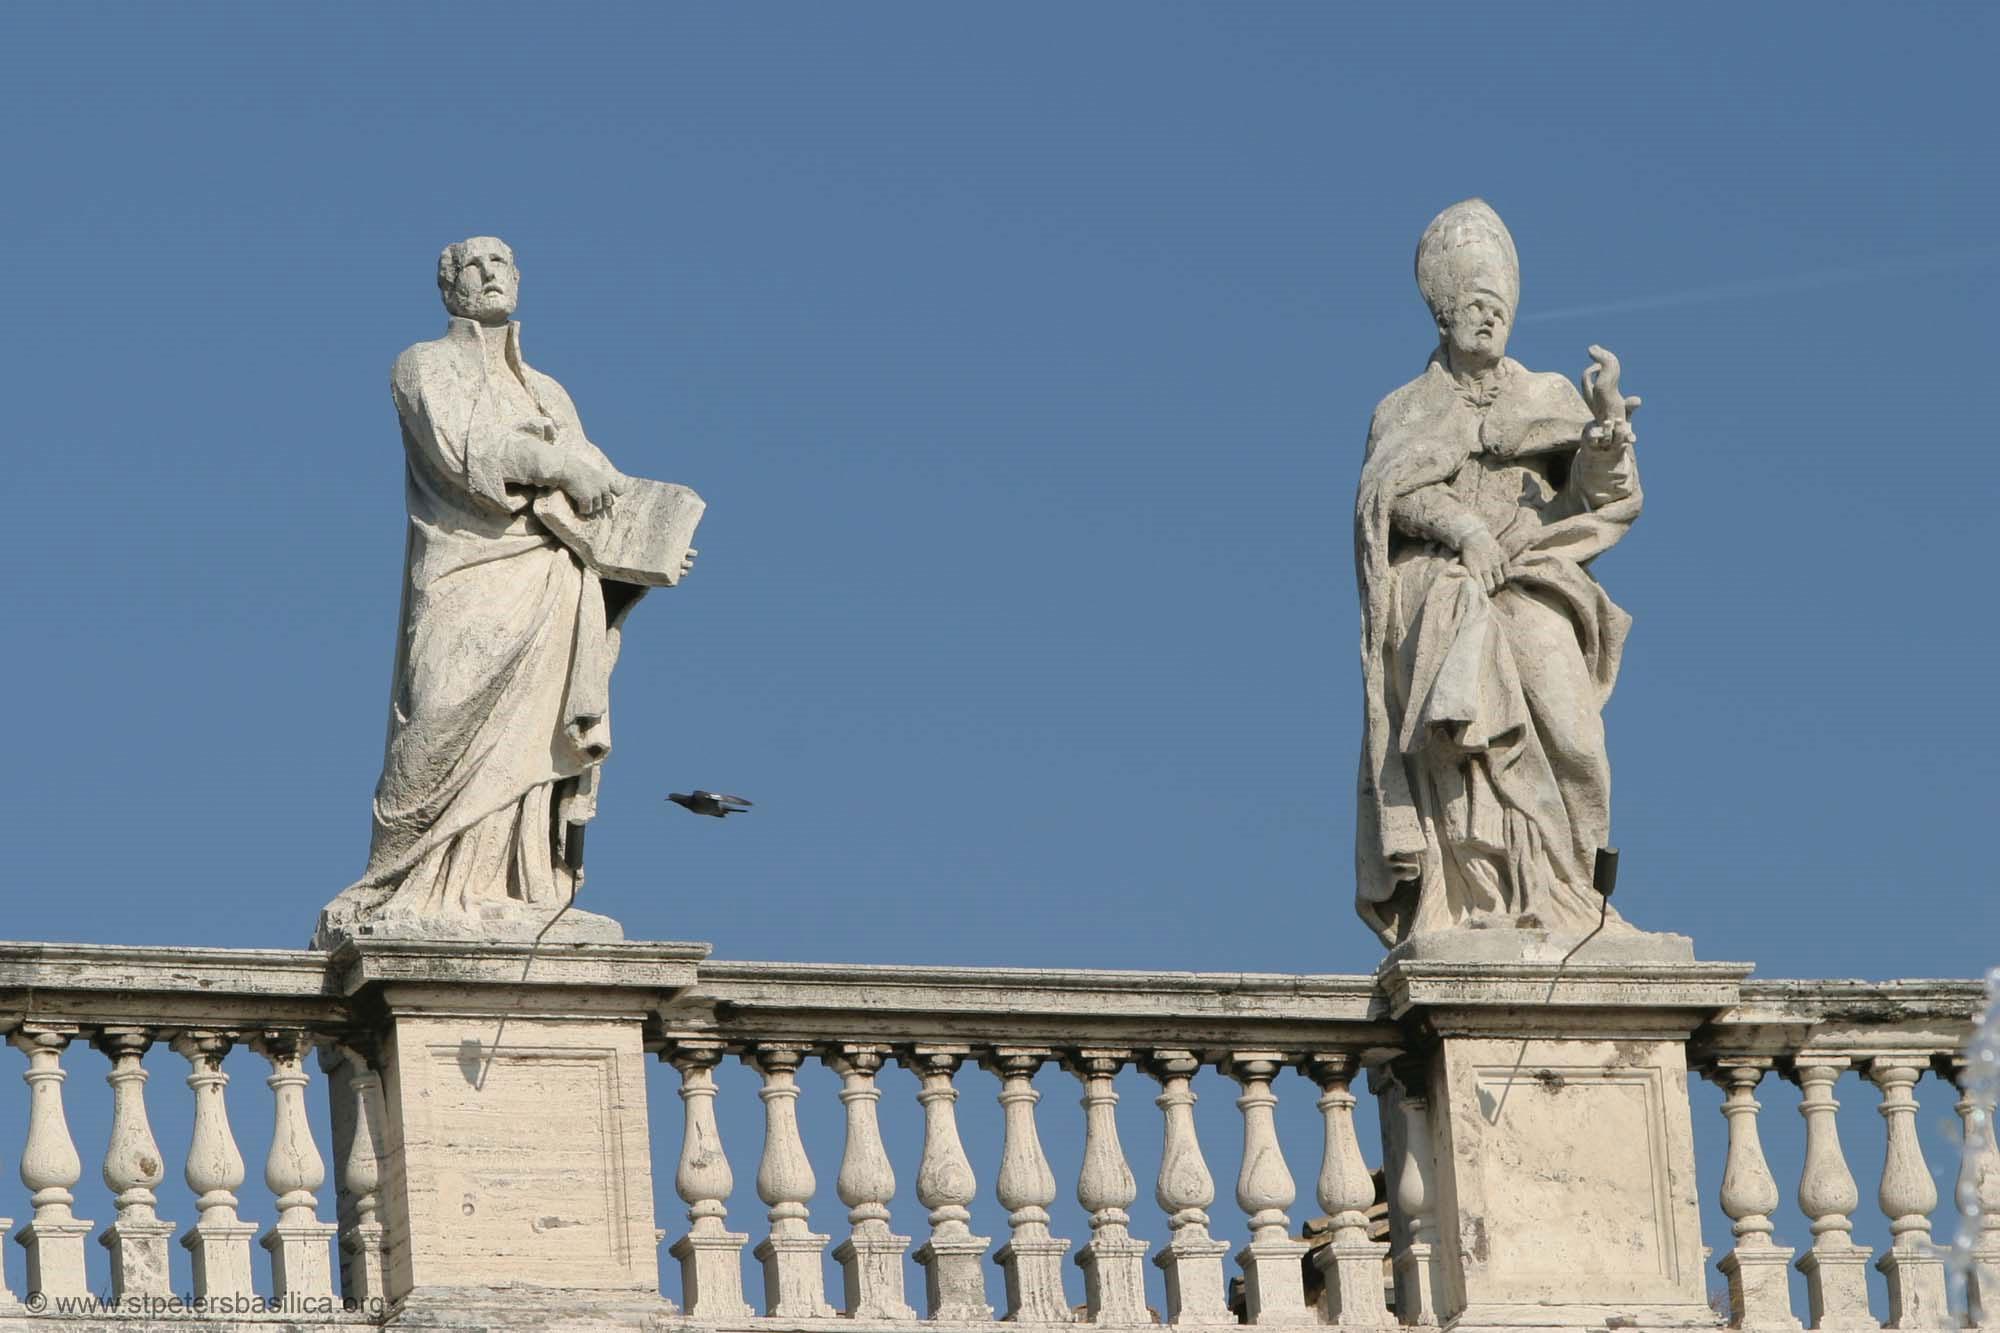 Святые северной Колоннады Ватикана Игнатий Лойола (слева) и Ремигий.  Скульптор - Филиппо Каркани. Высота скульптуры - 3,1 метра.